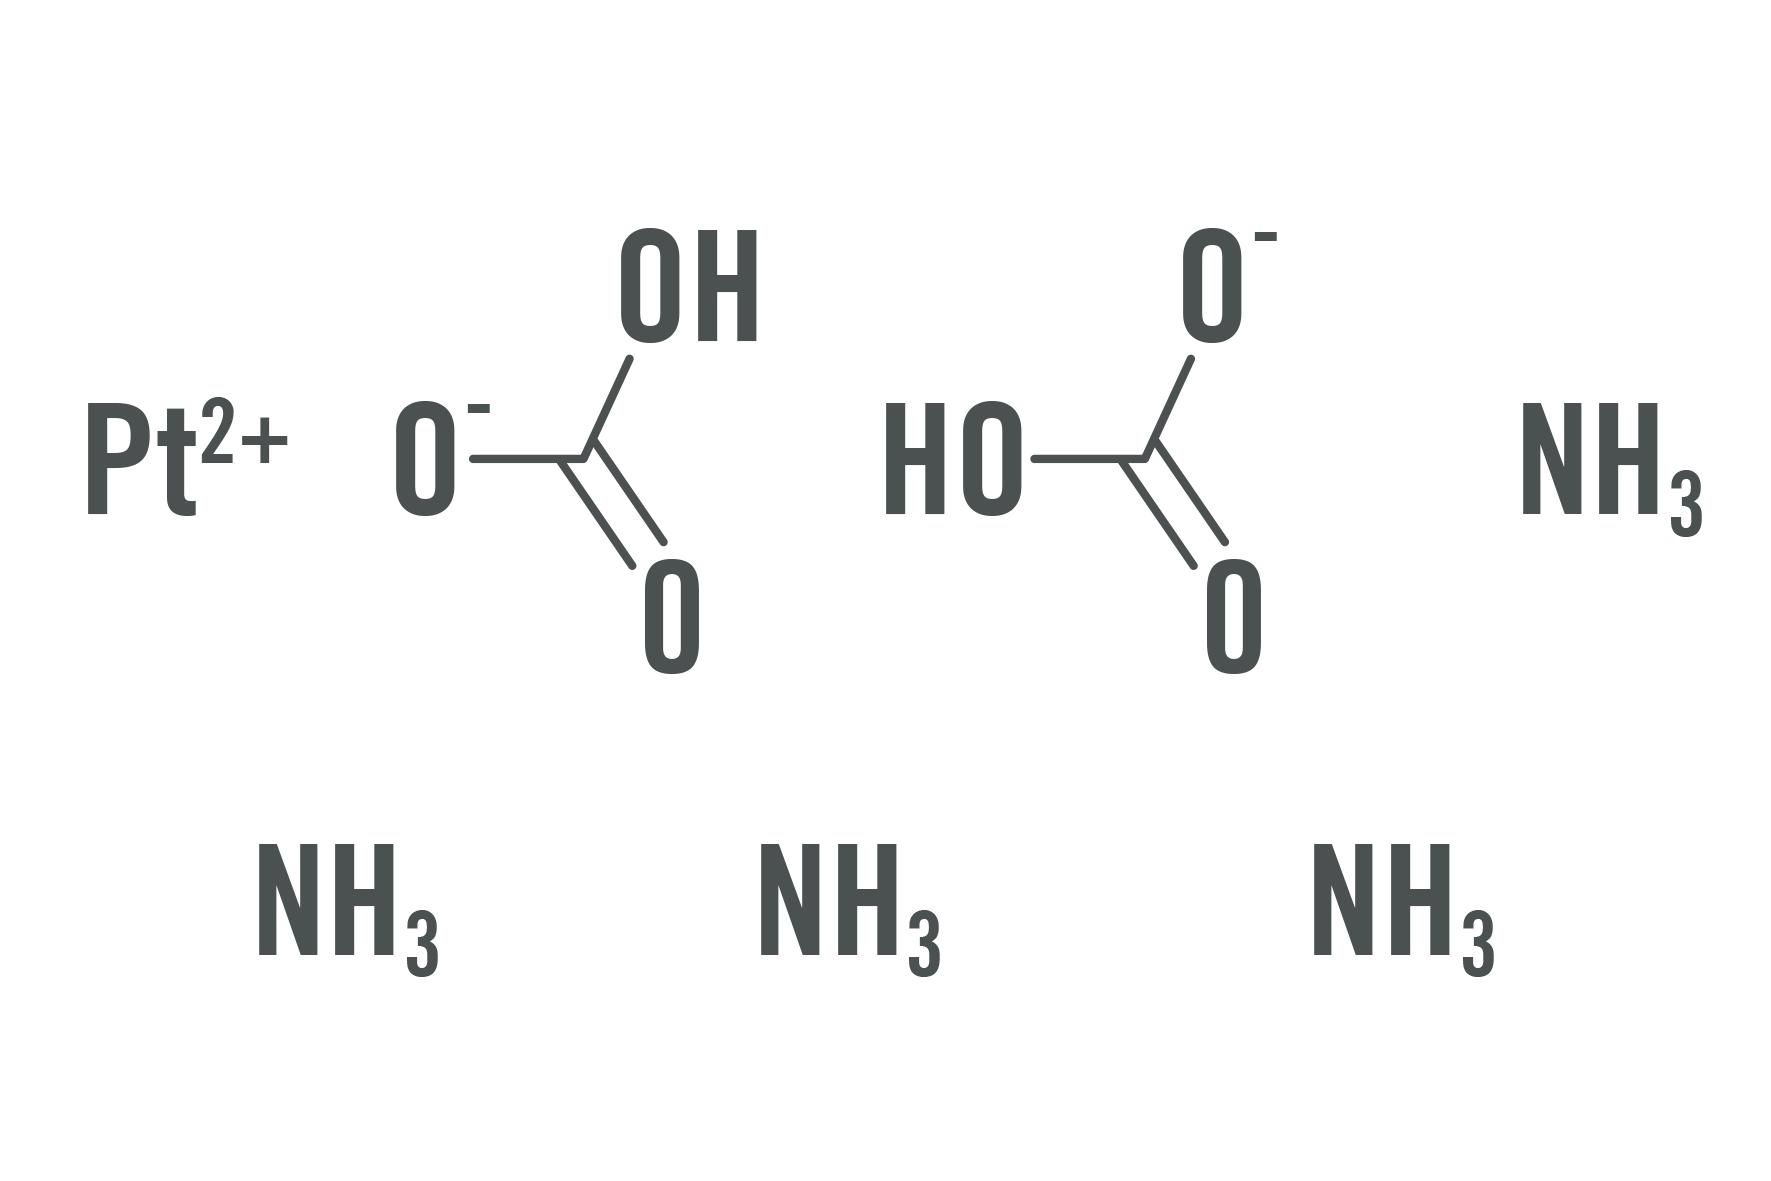 Tetraammineplatinum(II)